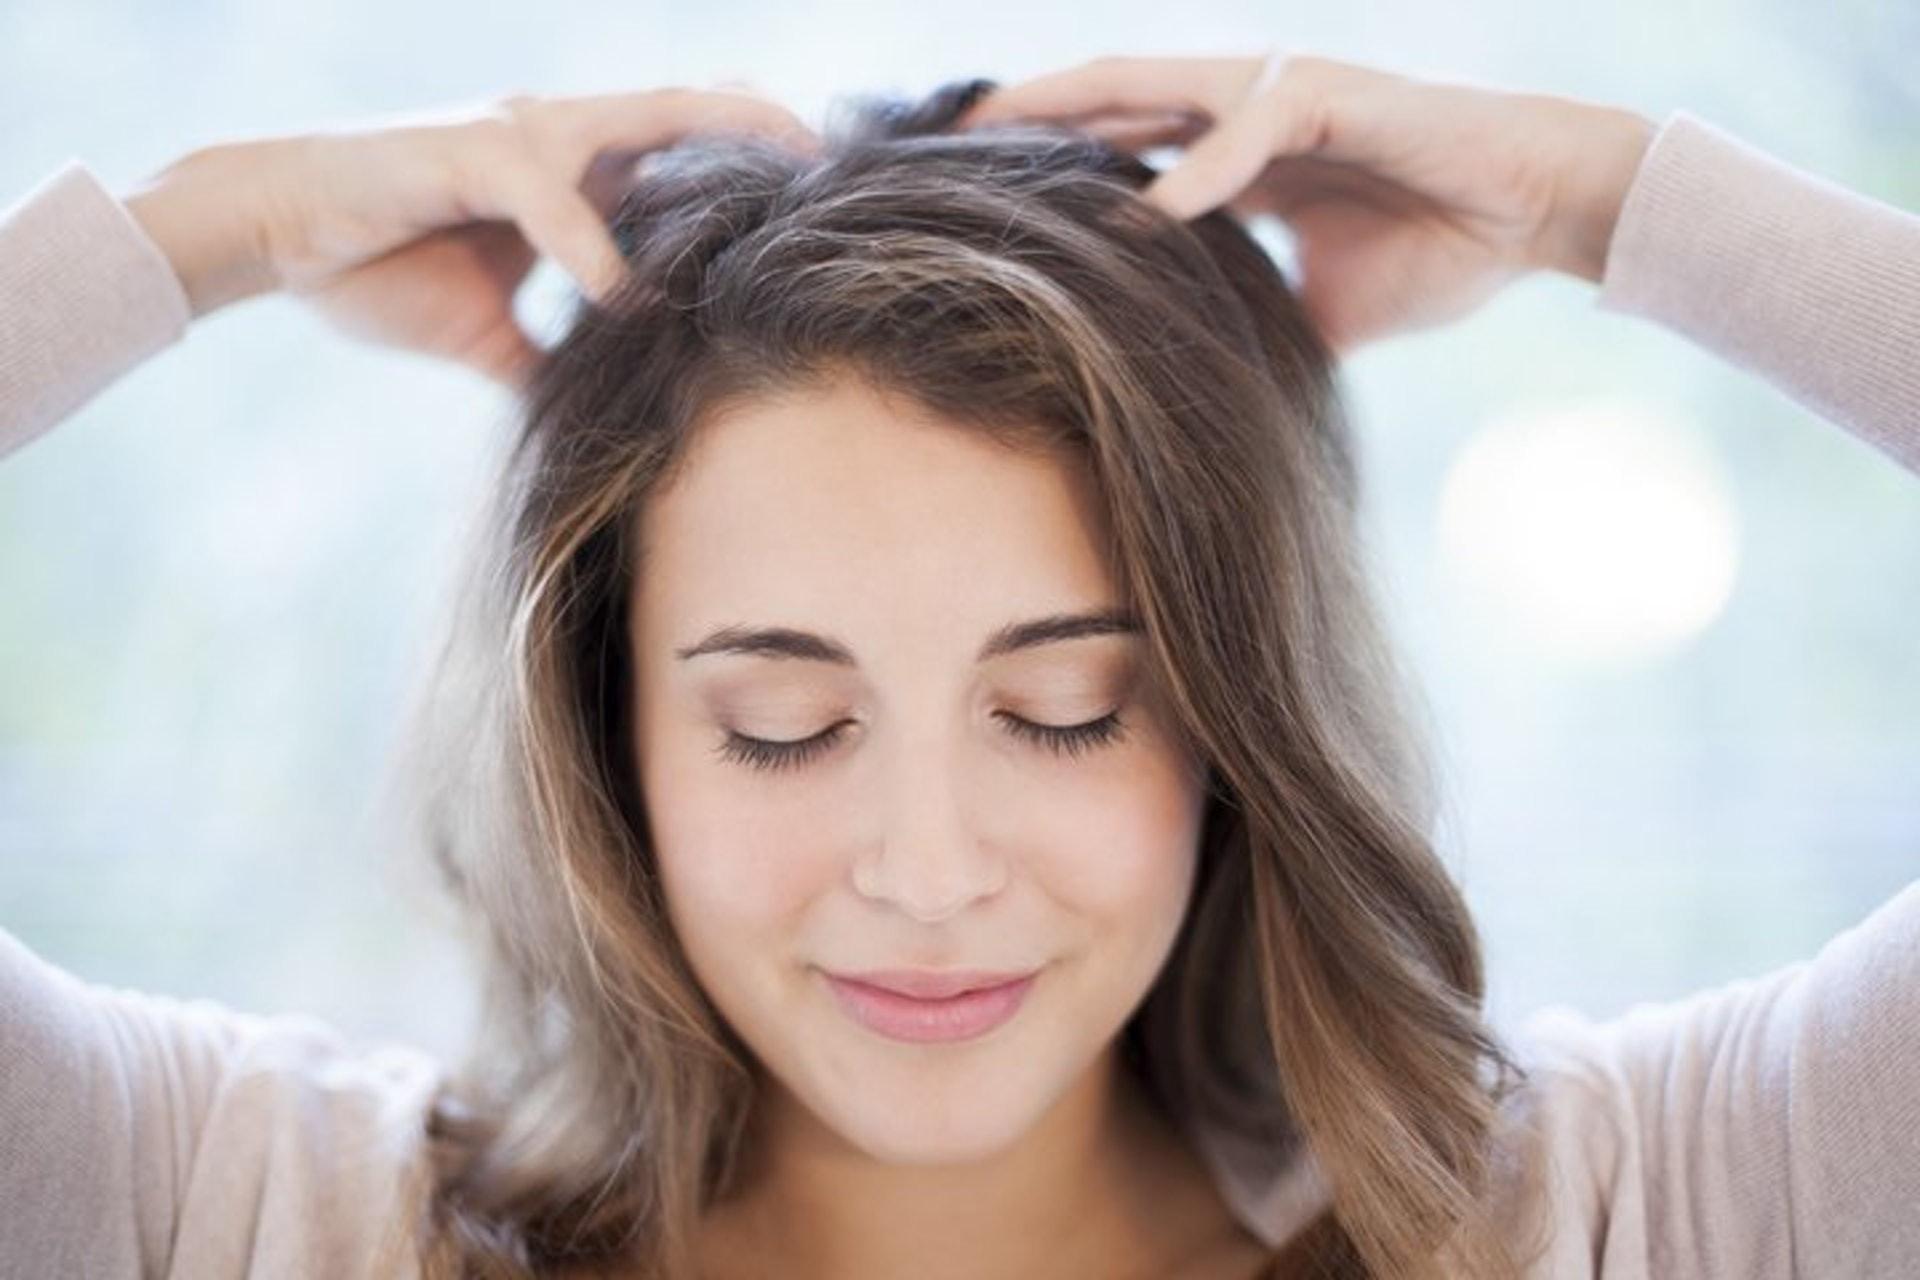 7 bí quyết ngăn ngừa rụng tóc chị em nên áp dụng ngay để có mái tóc dày, khỏe đẹp - Ảnh 3